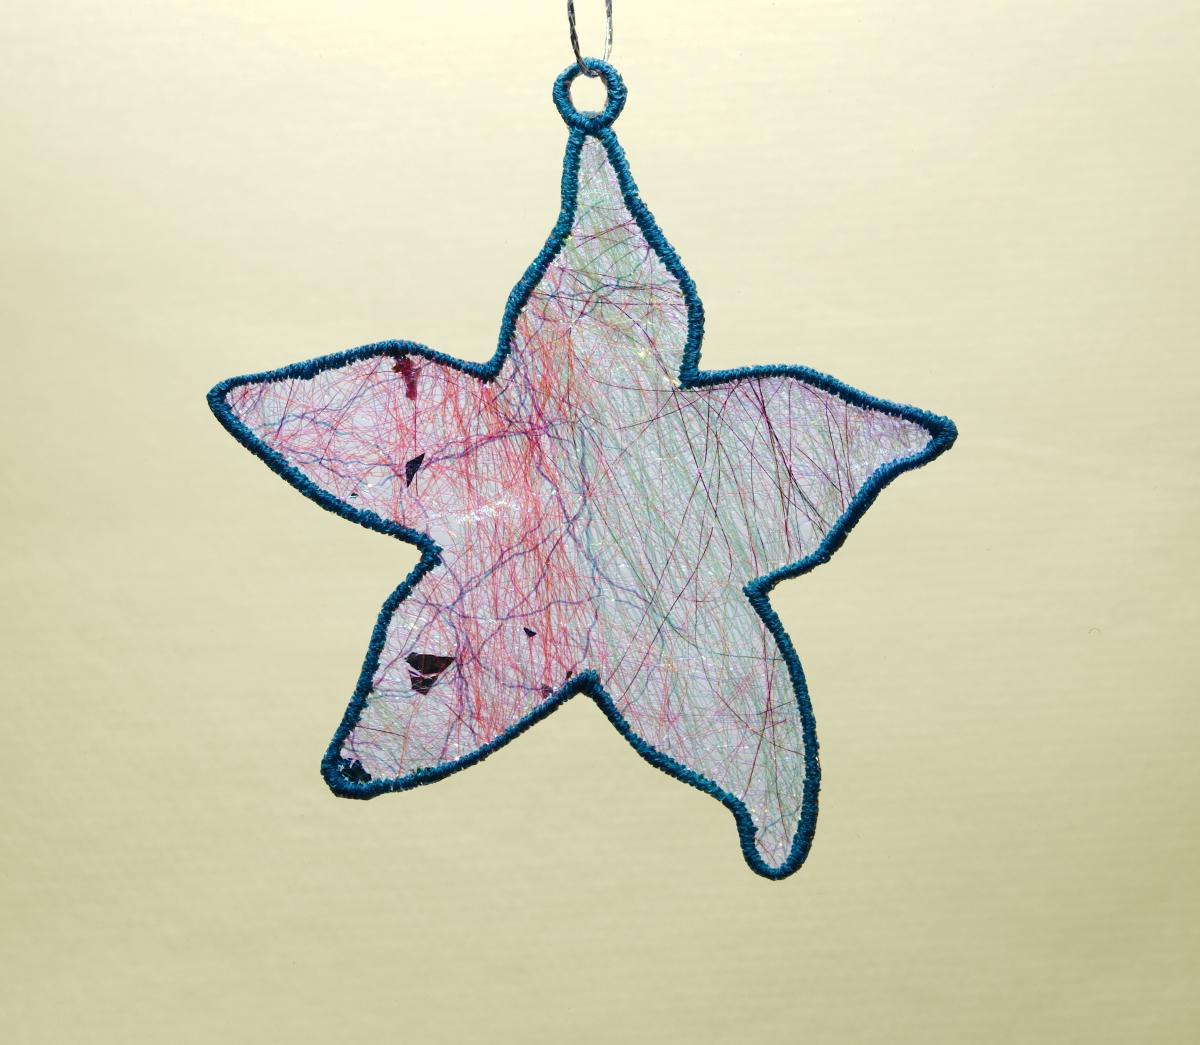 Star Fish Shimmer